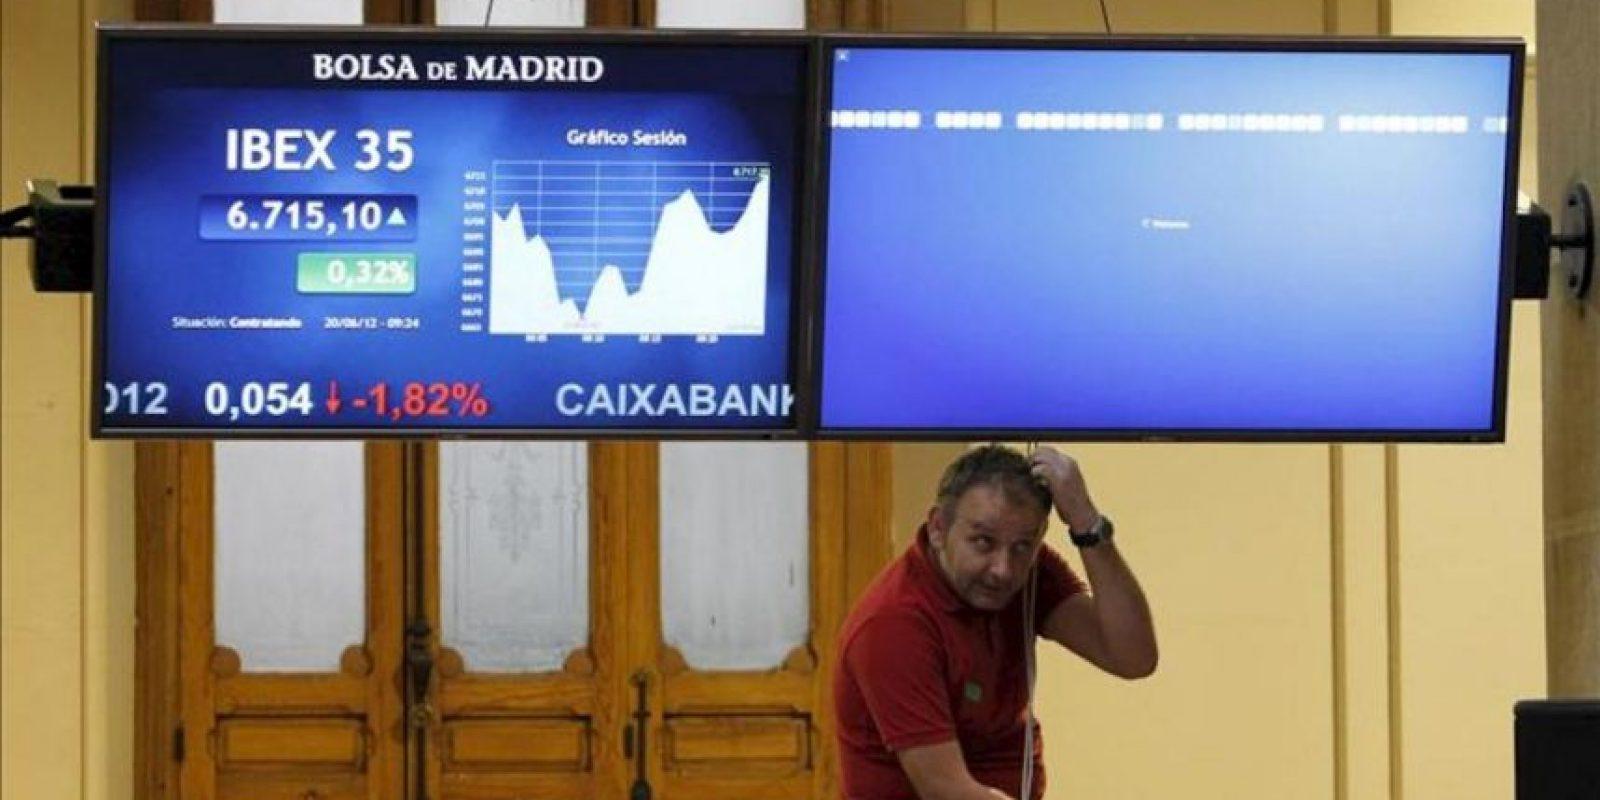 Un técnico arregla uno de los monitores situados en el parqué de Madrid mientras otro muestra la cotización del principal indicador de la Bolsa española, el IBEX 35. EFE